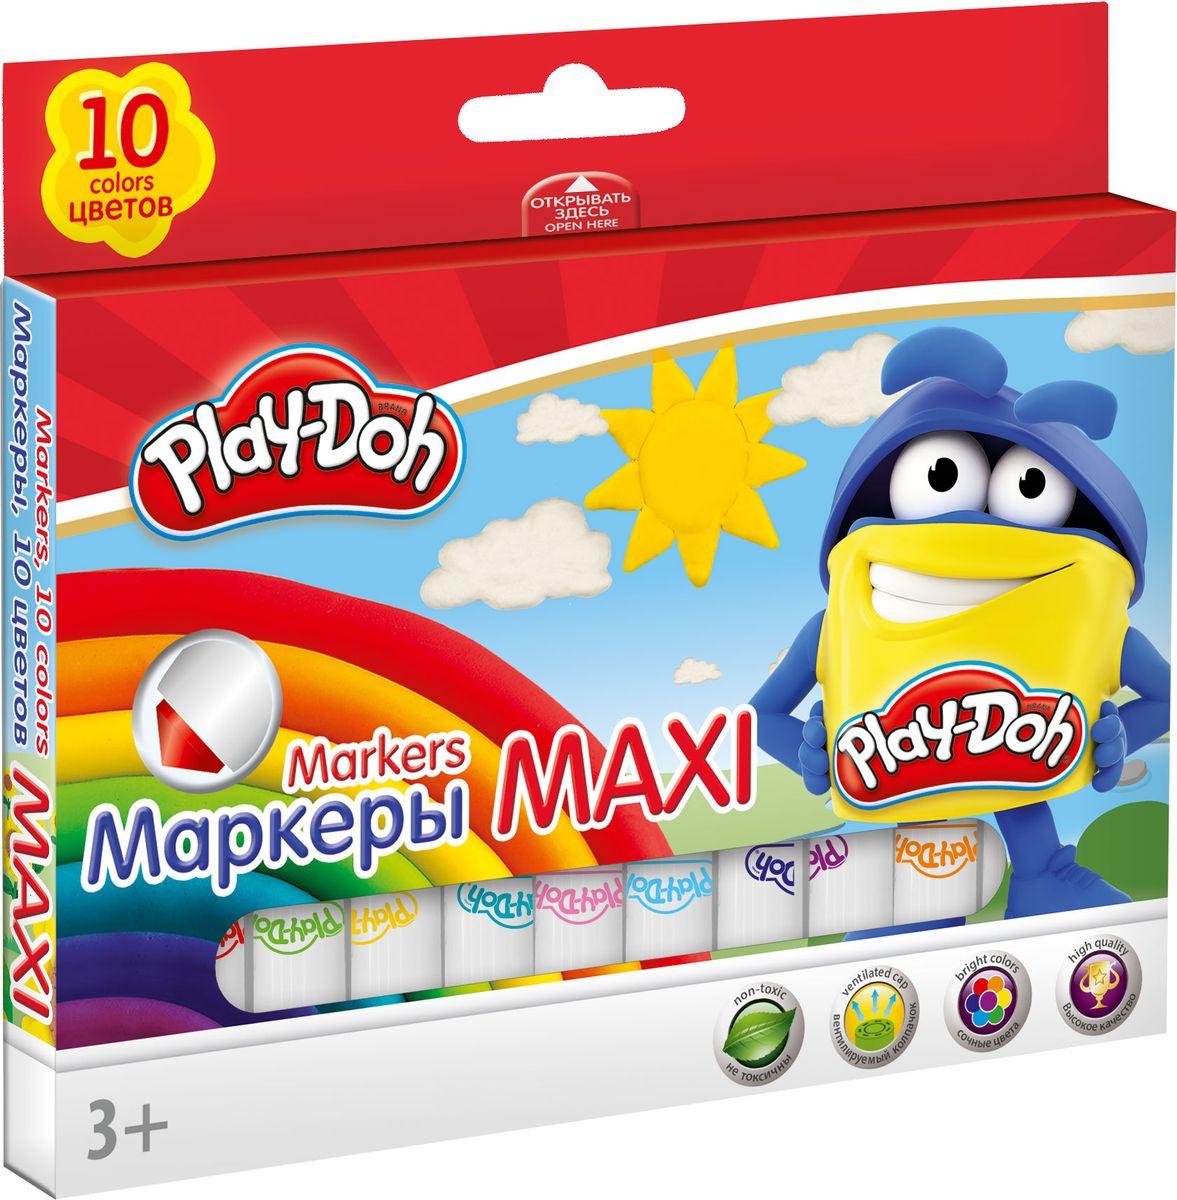 Play Doh Набор цветных маркеров Maxi 10 штPDDB-US1-7MB-10Набор маркеров Play-Doh Maxi, предназначенный специально для рисования и закрашивания, обязательно порадует юных художников и поможет им создать яркие и неповторимые картинки. Корпус маркеров изготовлен из высококачественного нетоксичного пластика, а вентилируемый колпачок увеличивает срок службы чернил и предотвращает их преждевременное высыхание. Эргономичная форма корпуса увеличенной толщины обеспечивает комфортное и легкое рисование. Набор включает в себя 10 маркеров ярких насыщенных цветов.